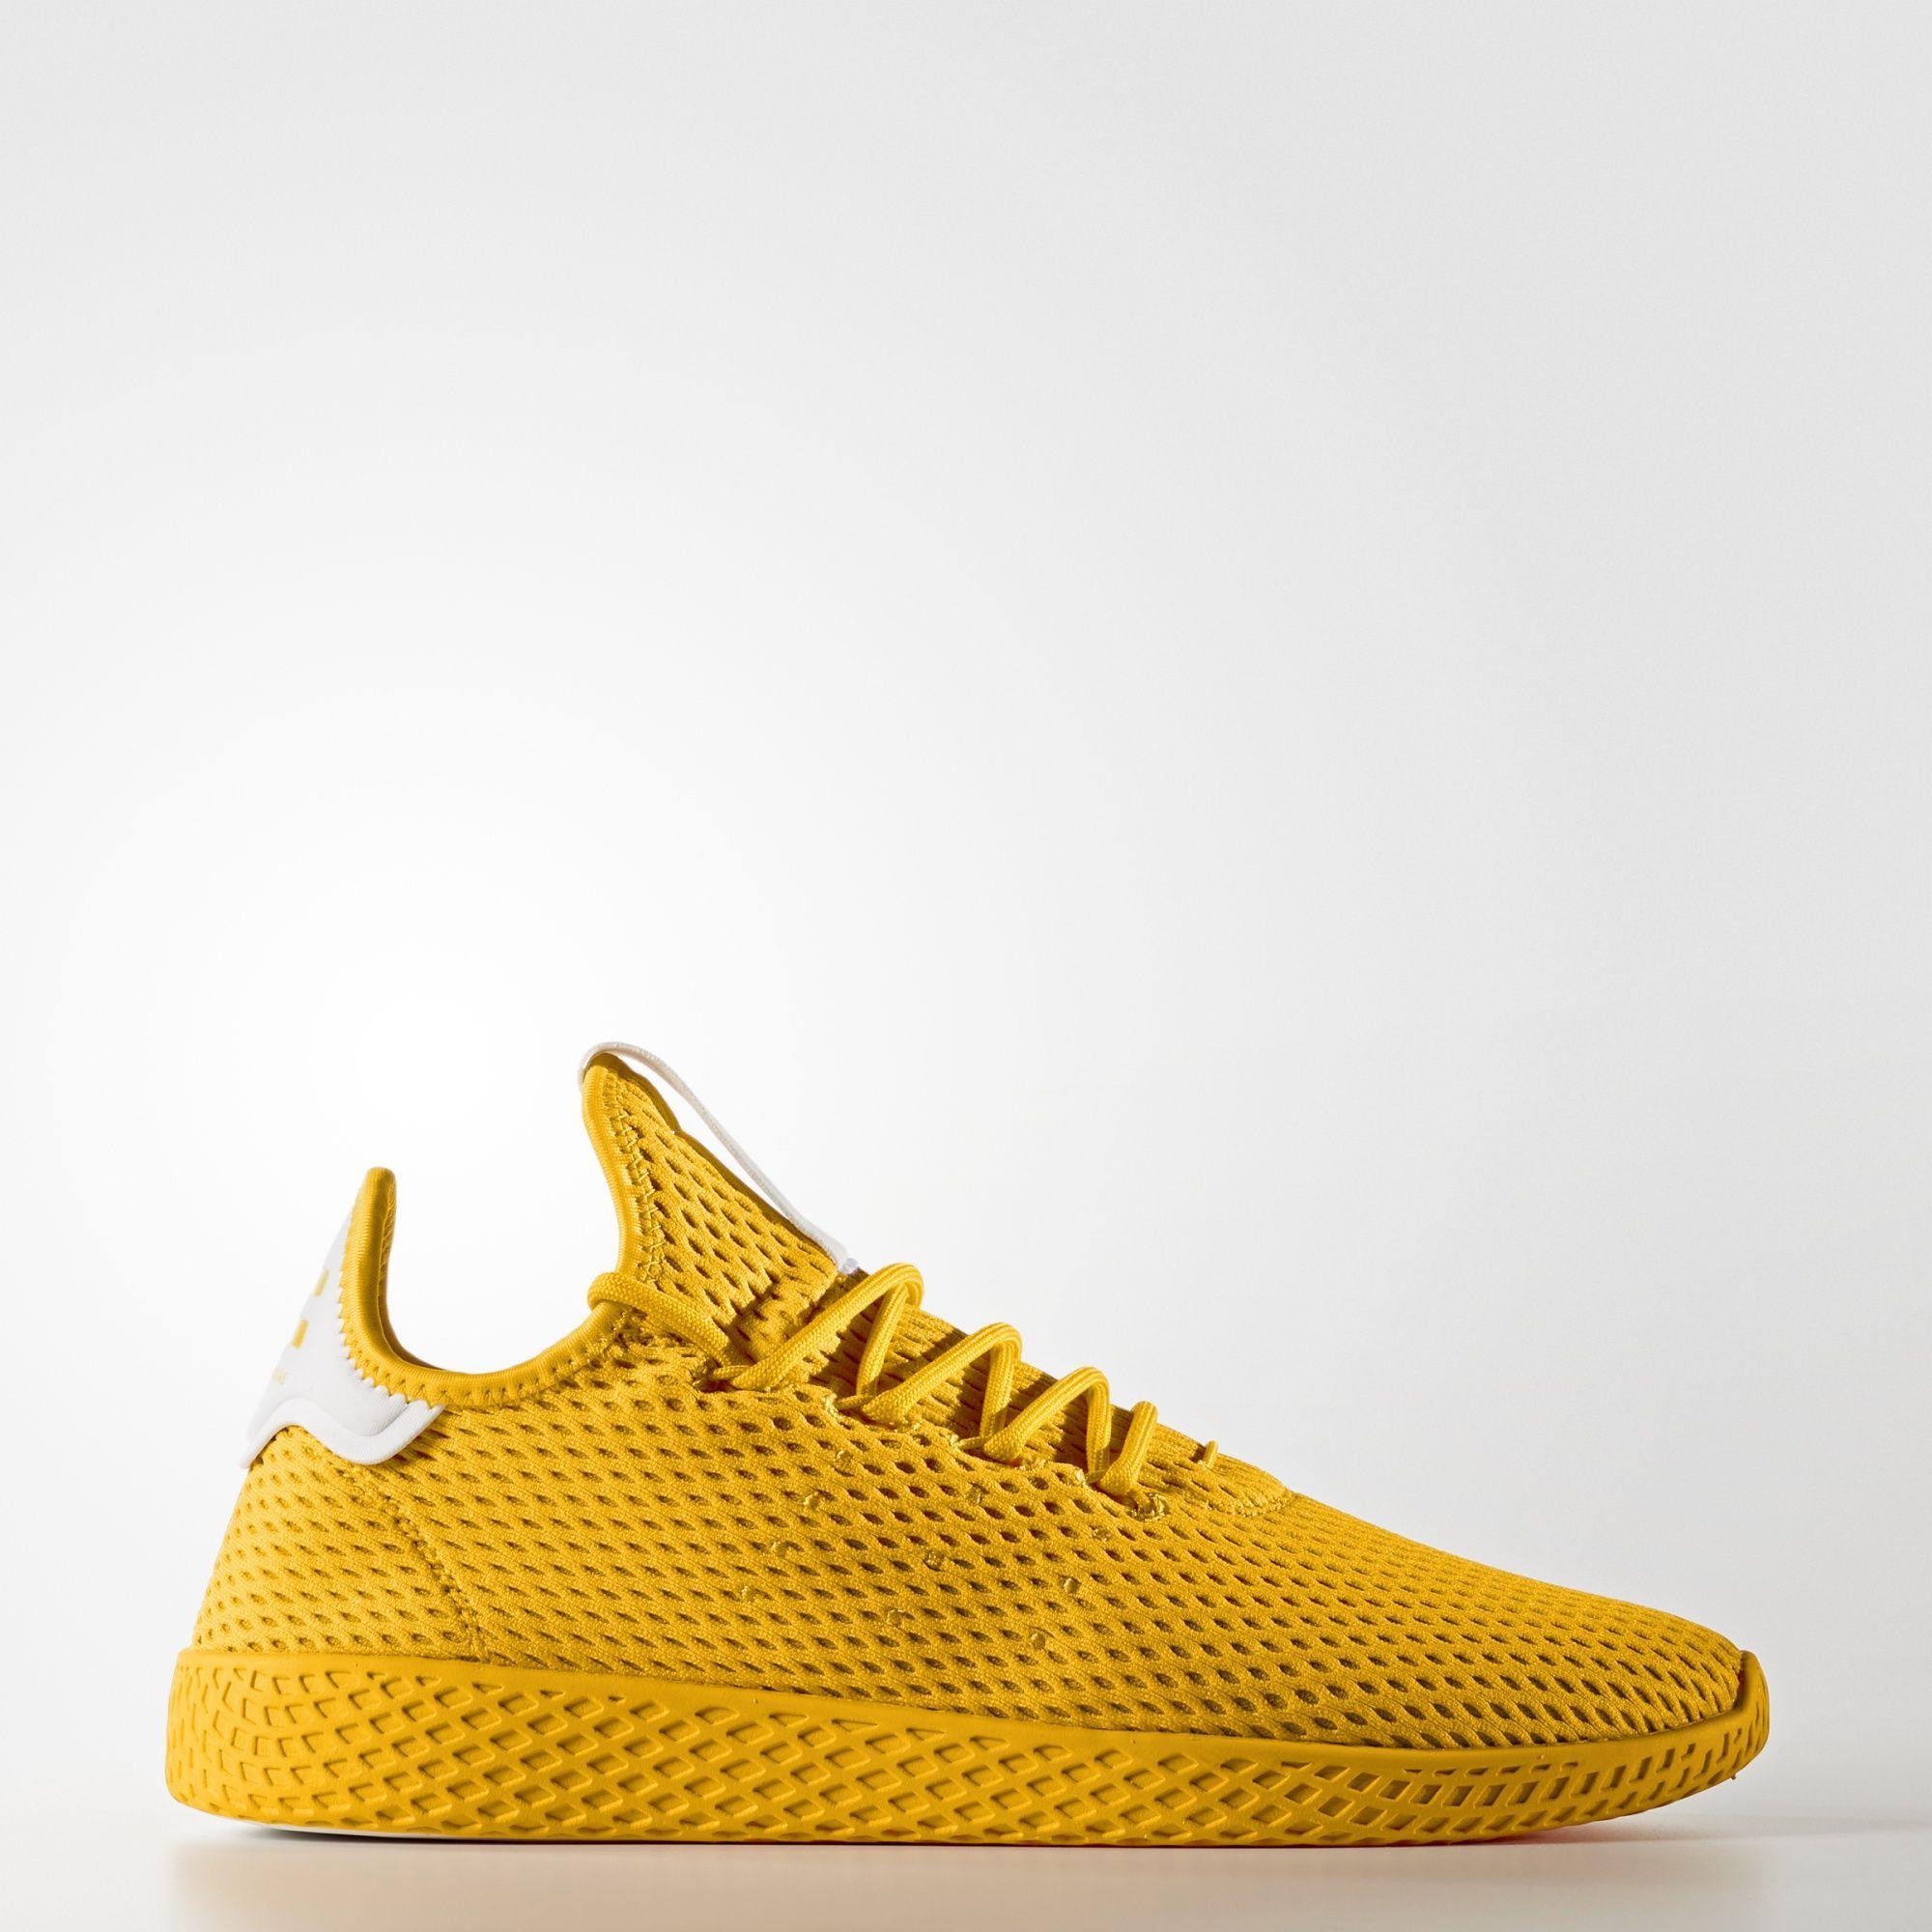 6c8ca0fbb5ea06 A design collaboration with adidas Originals